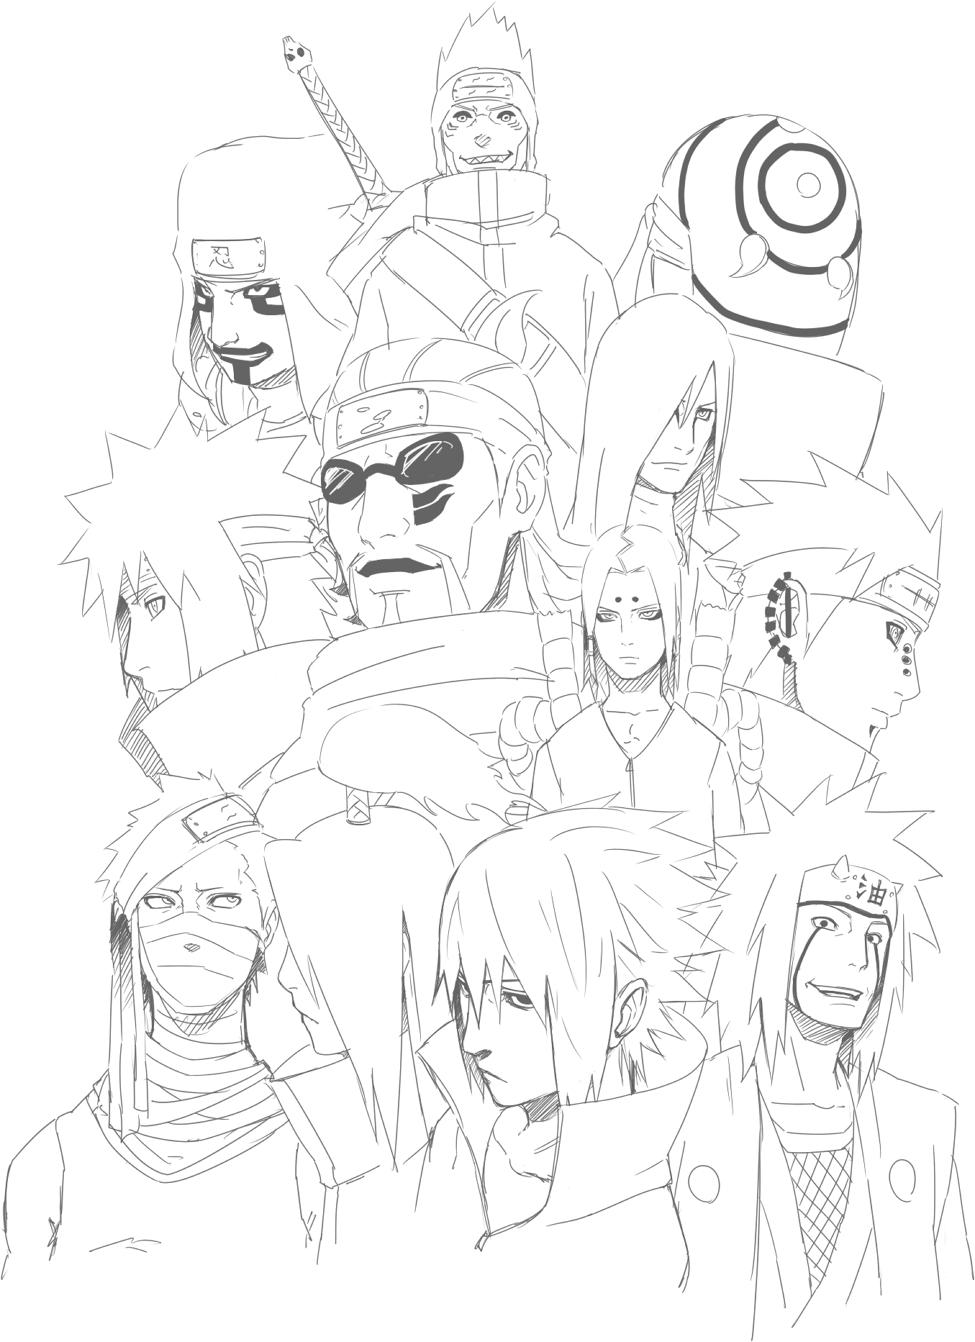 Naruto zabuza drawing